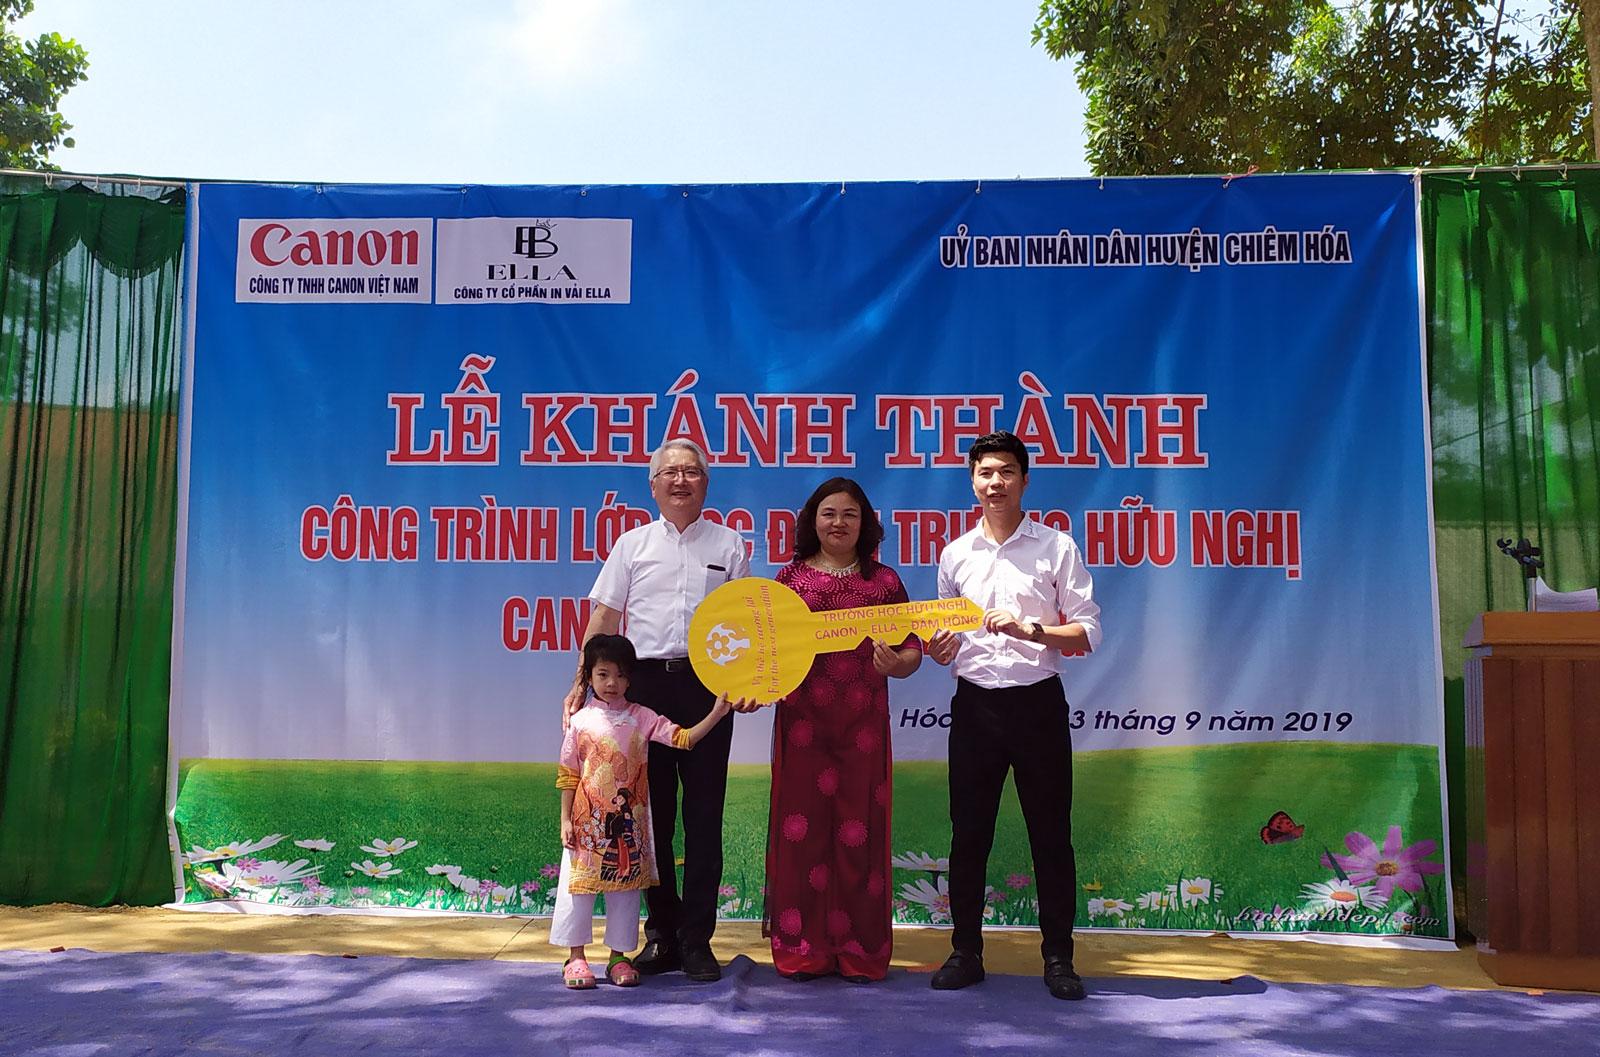 """Khánh thành điểm trường thuộc """"Chuỗi trường học hữu nghị Canon"""" tại Tuyên Quang"""